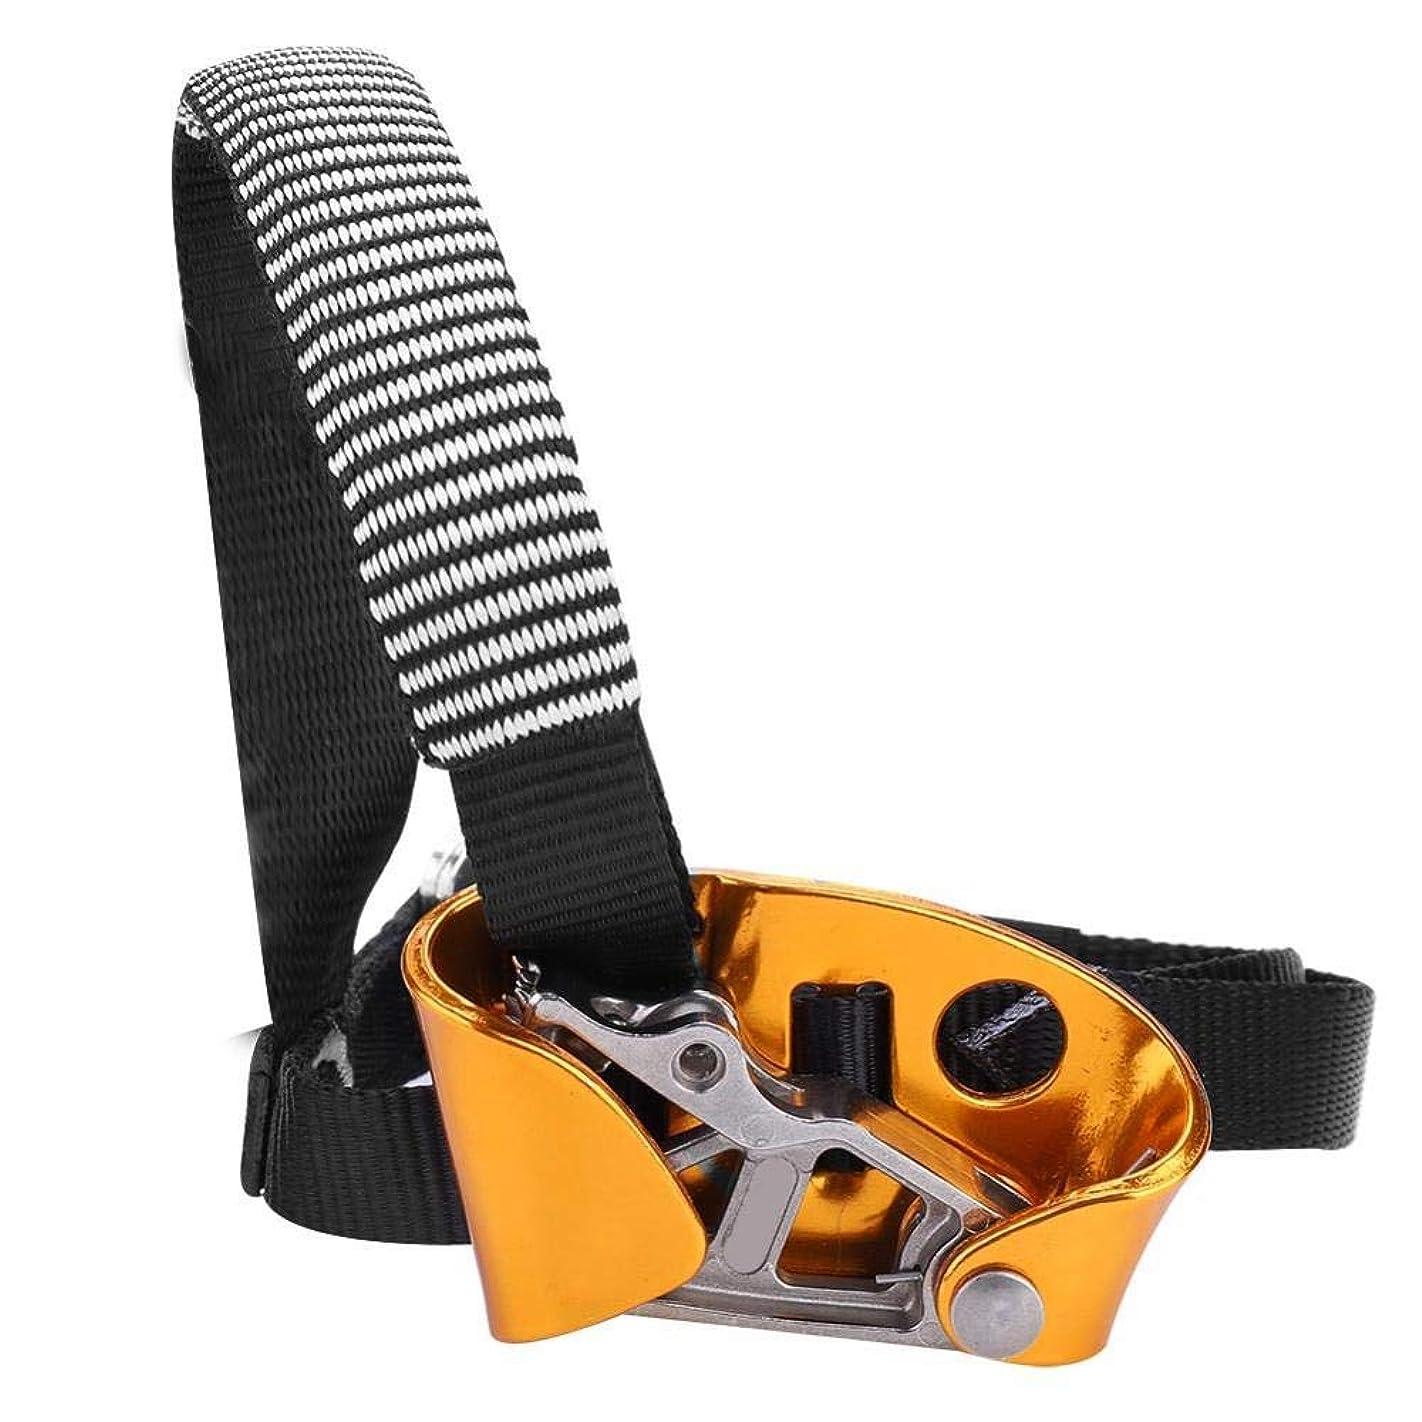 マイク無謀選ぶフット?アセンダ アッセンダー 左足 右足 8-13mmロープ用 足アセンダ 滑り止め 懸垂下降 クライミング 登山装備 安全保護